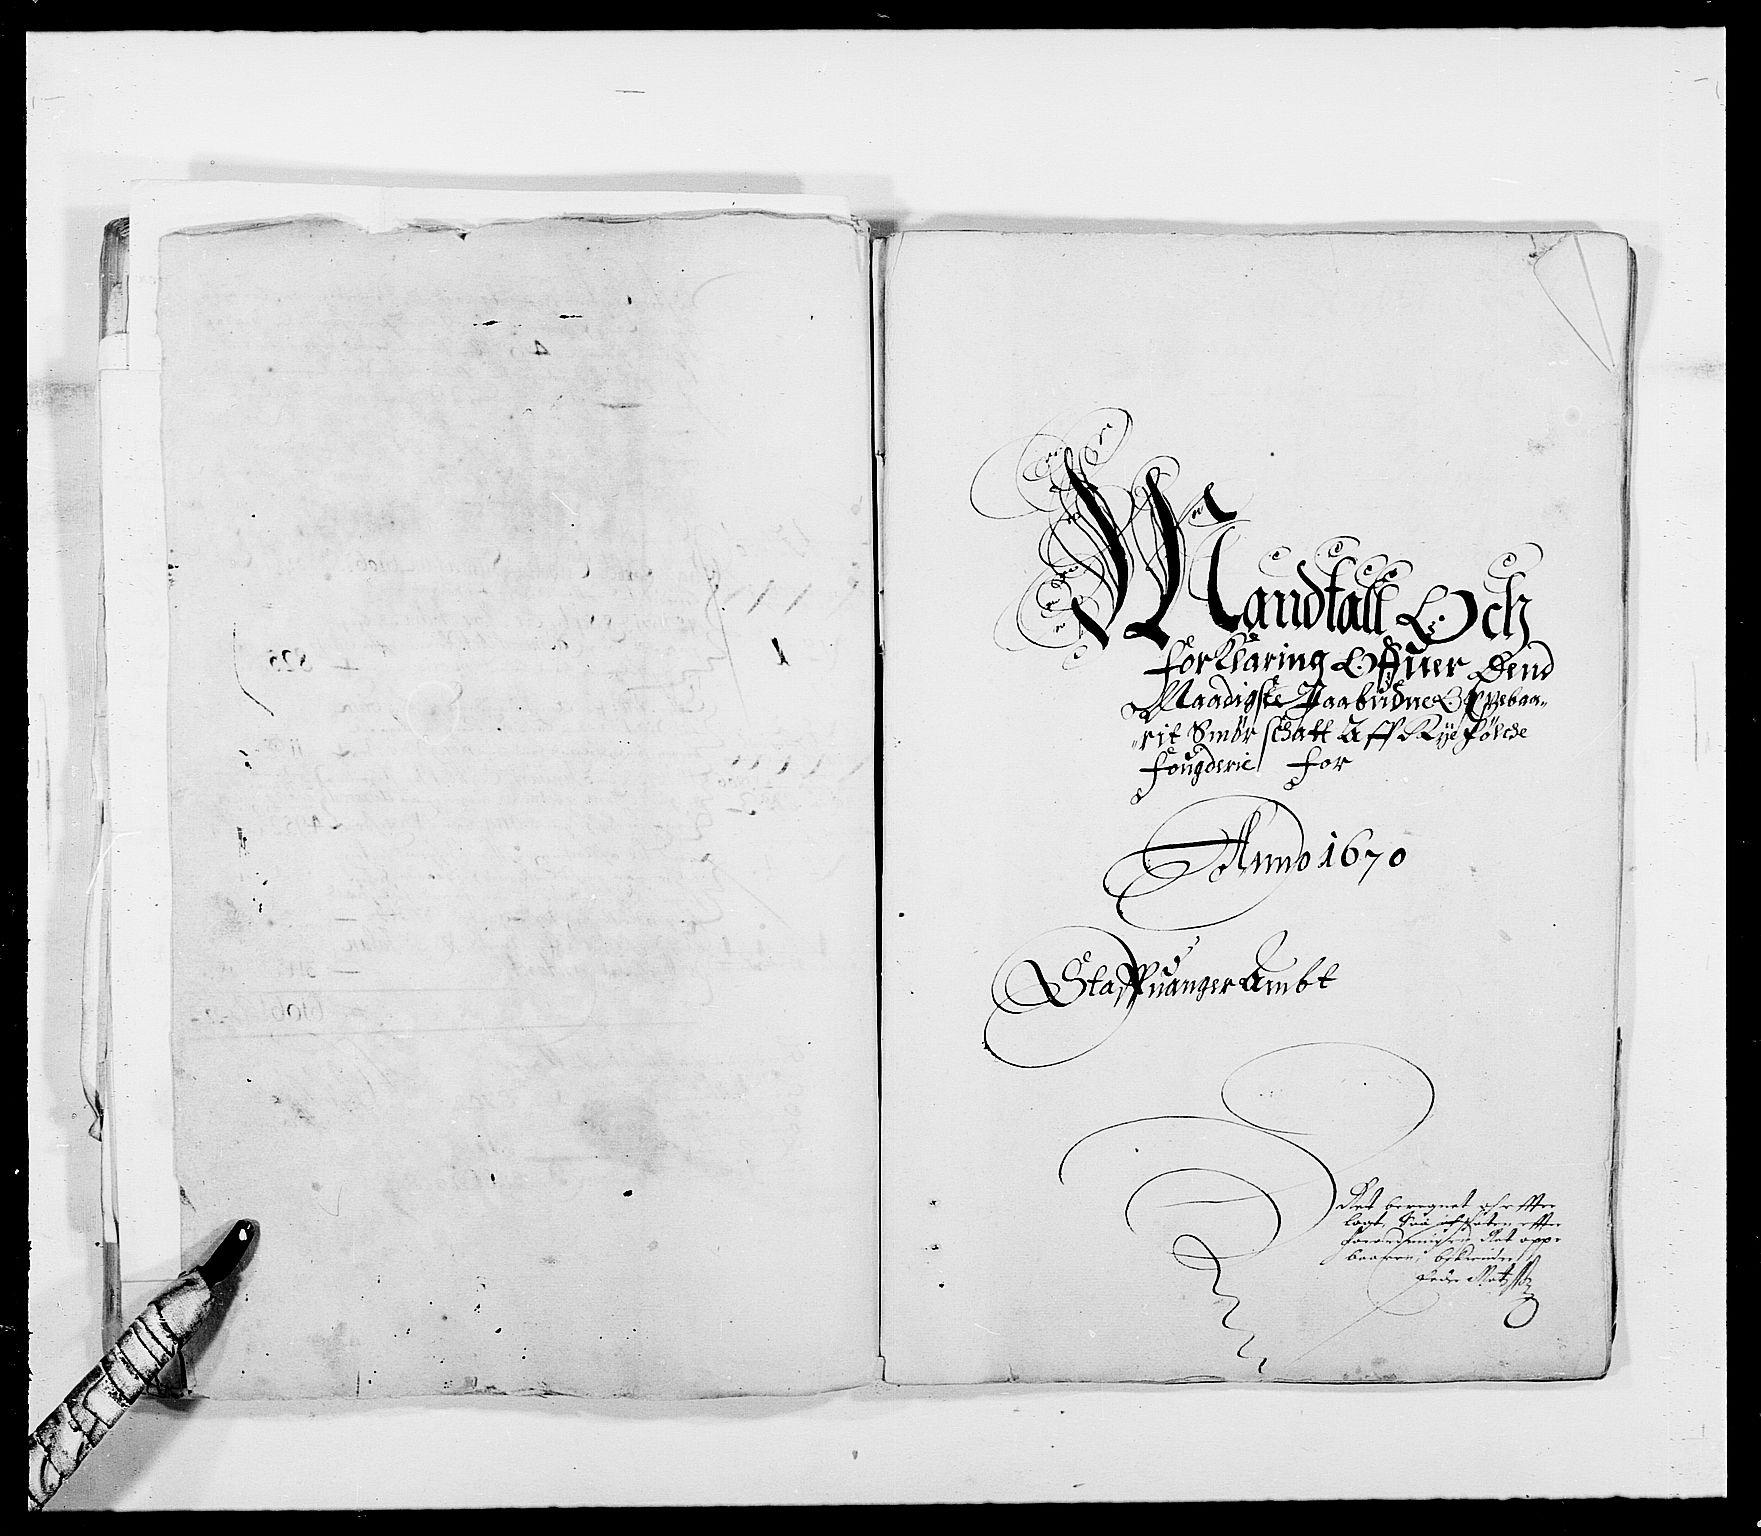 RA, Rentekammeret inntil 1814, Reviderte regnskaper, Fogderegnskap, R47/L2843: Fogderegnskap Ryfylke, 1670-1671, s. 434